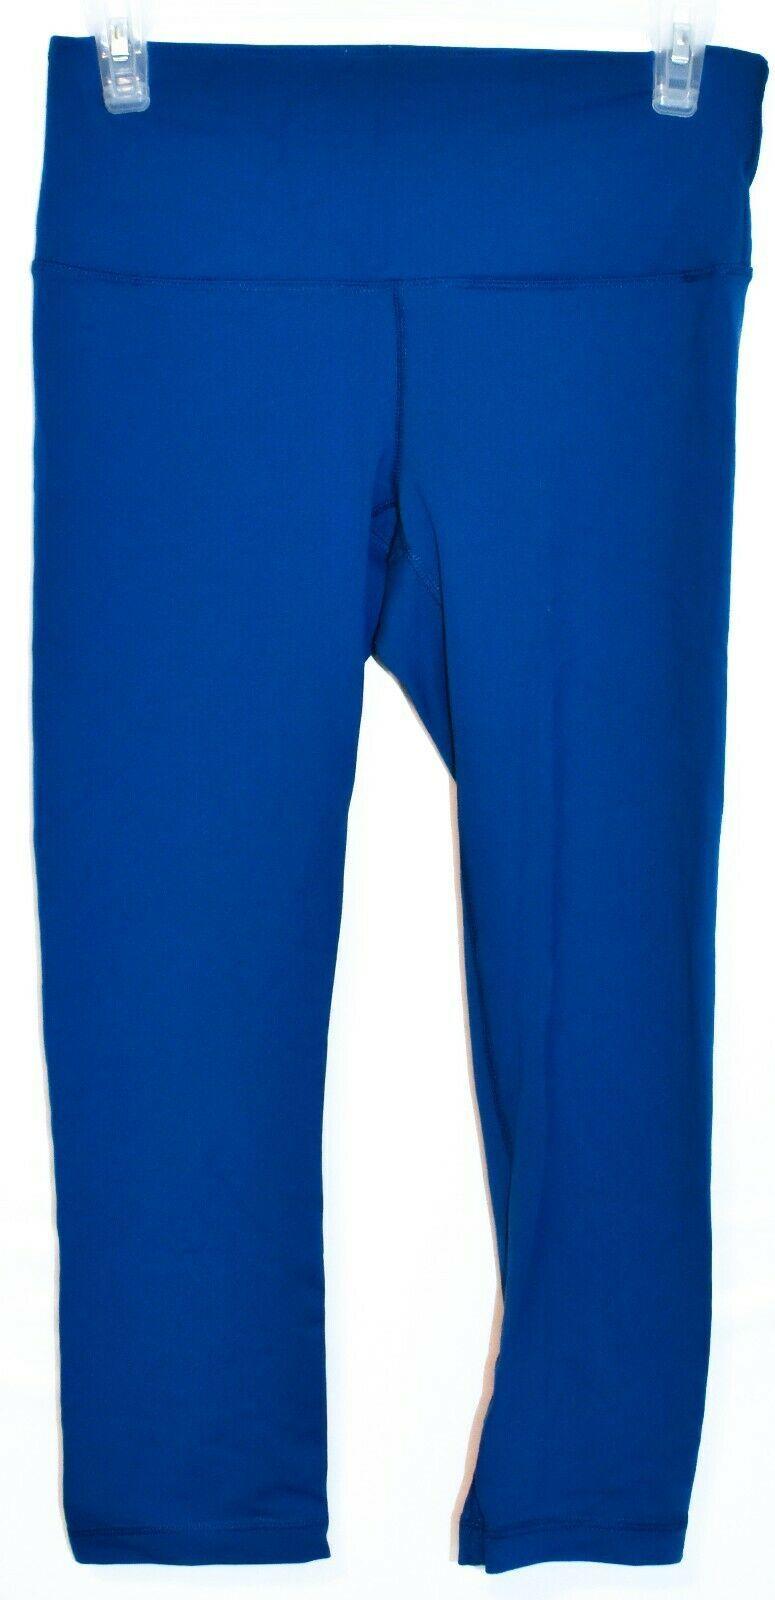 90 Degree by Reflex Royal Blue 3/4 Yoga Workout Pants Leggings Size S